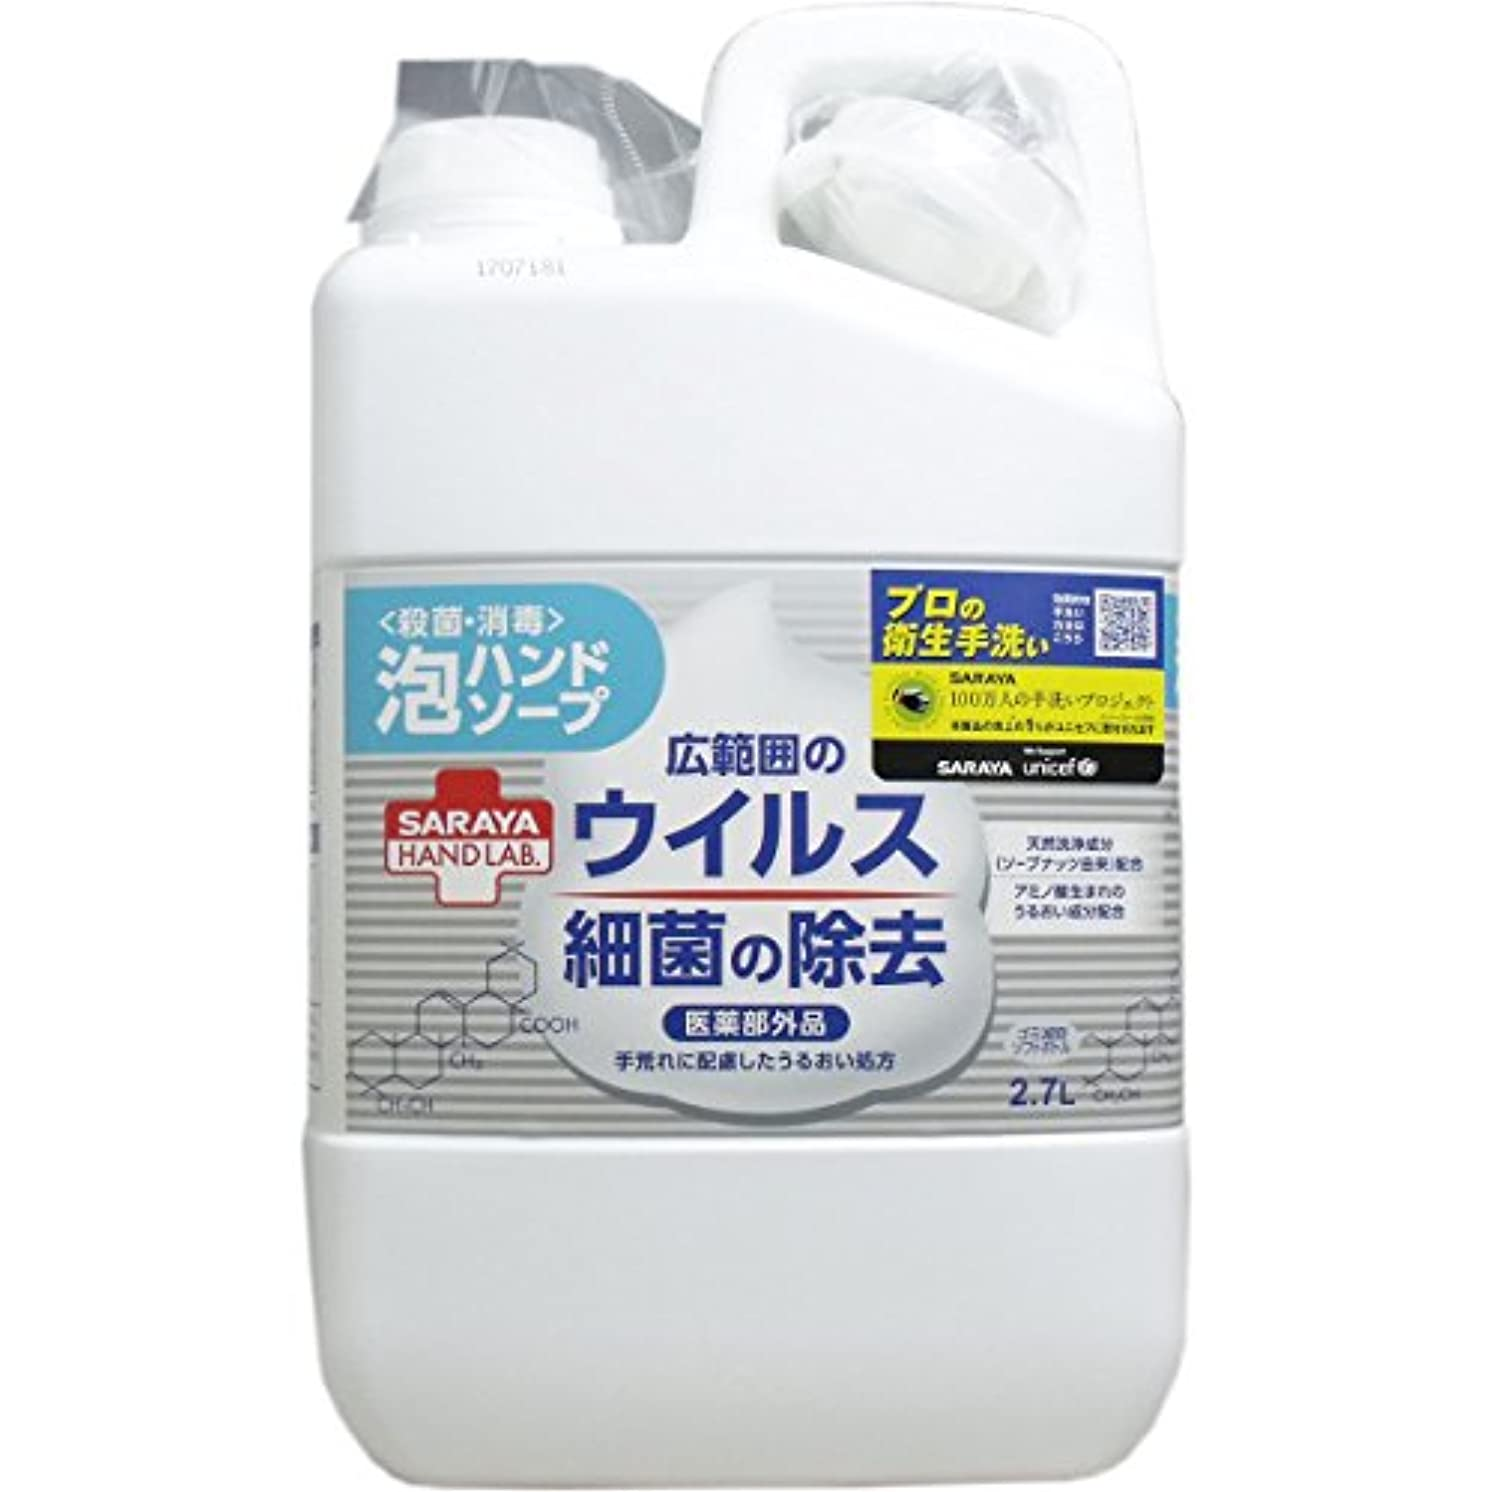 ハンドラボ 薬用泡ハンドソープ 詰替用 2.7L